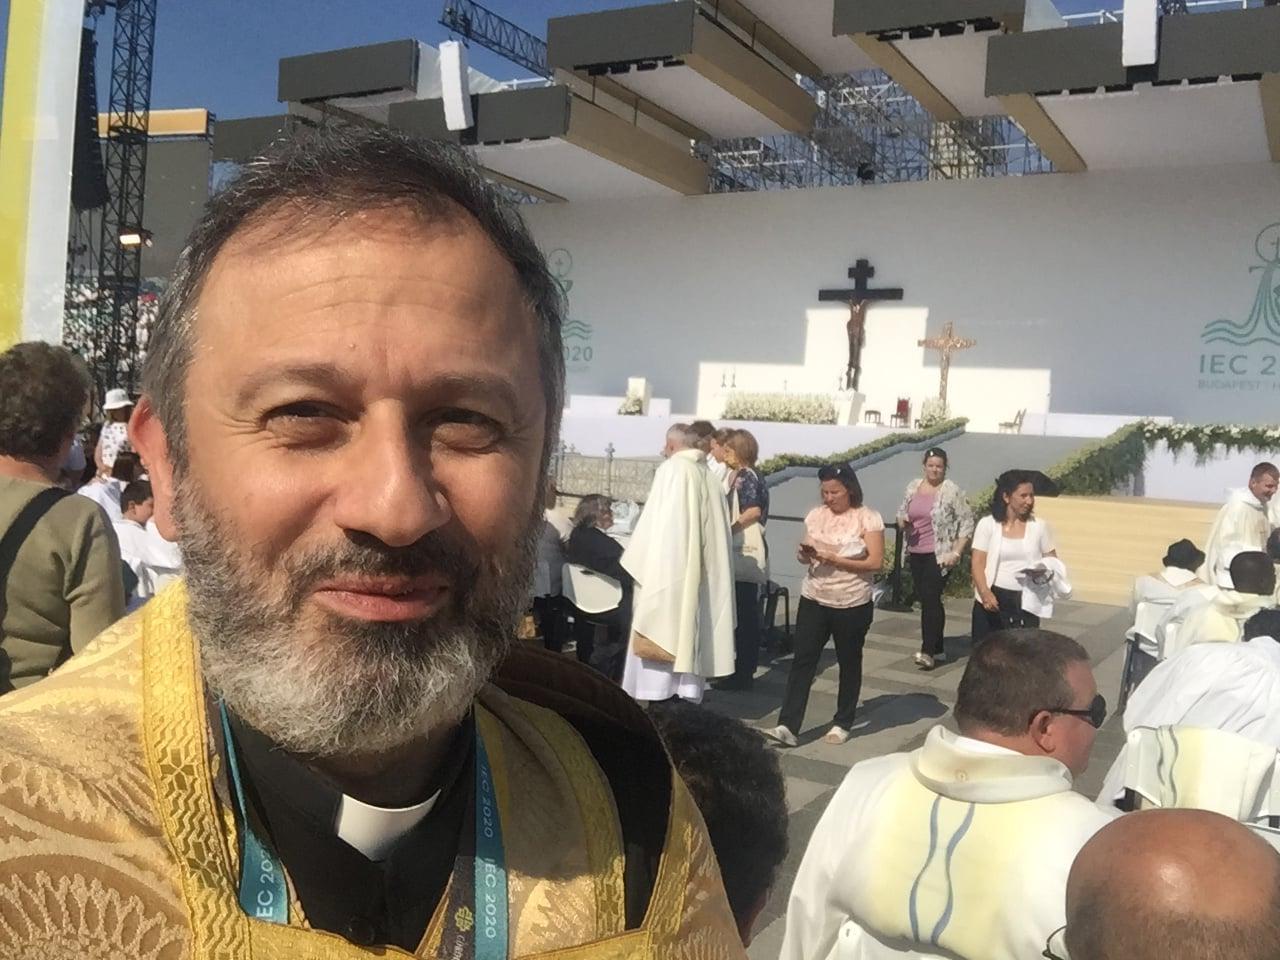 Հայ Կաթողիկէ Վարդապետը կը մասնակցի Պուտաբէշթի Սուրբ Հաղորդութեան համաժողին